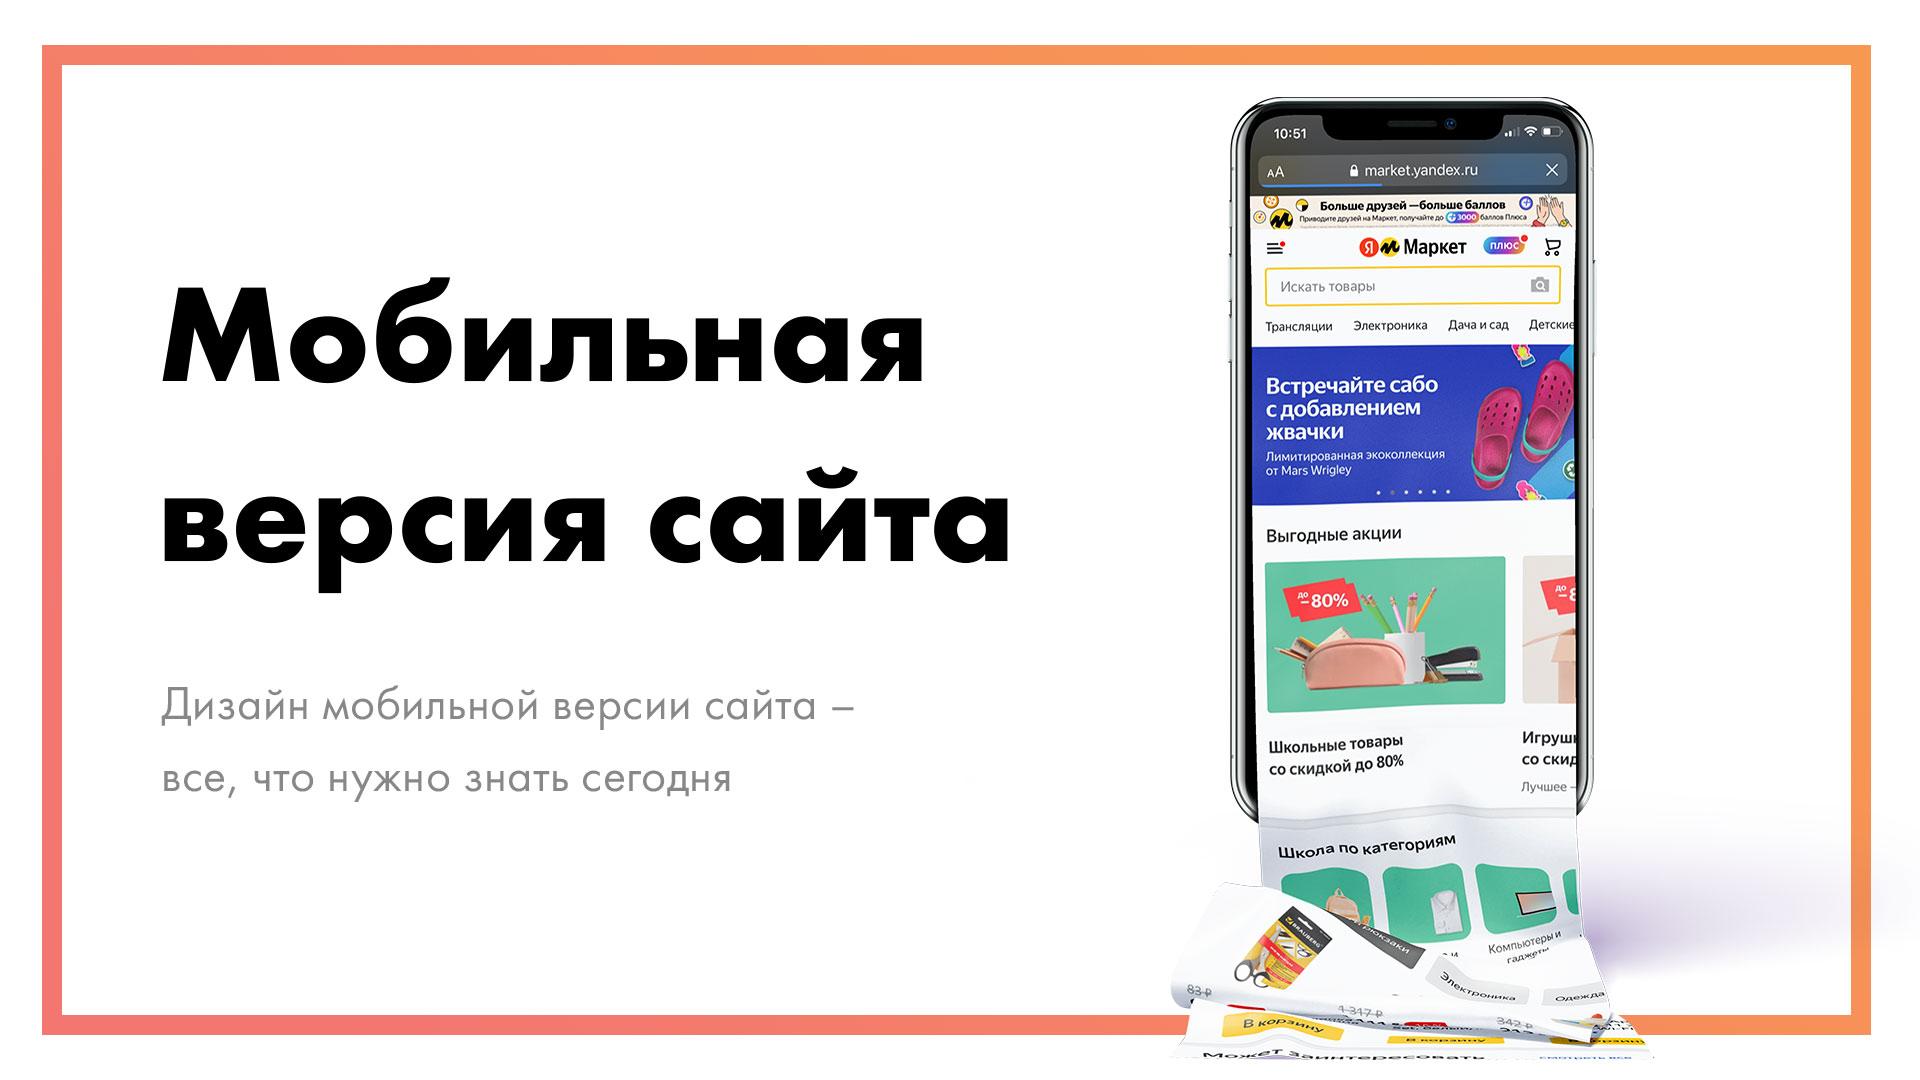 Дизайн-мобильной-версии-сайта-–-все,-что-нужно-знать-сегодня.jpg